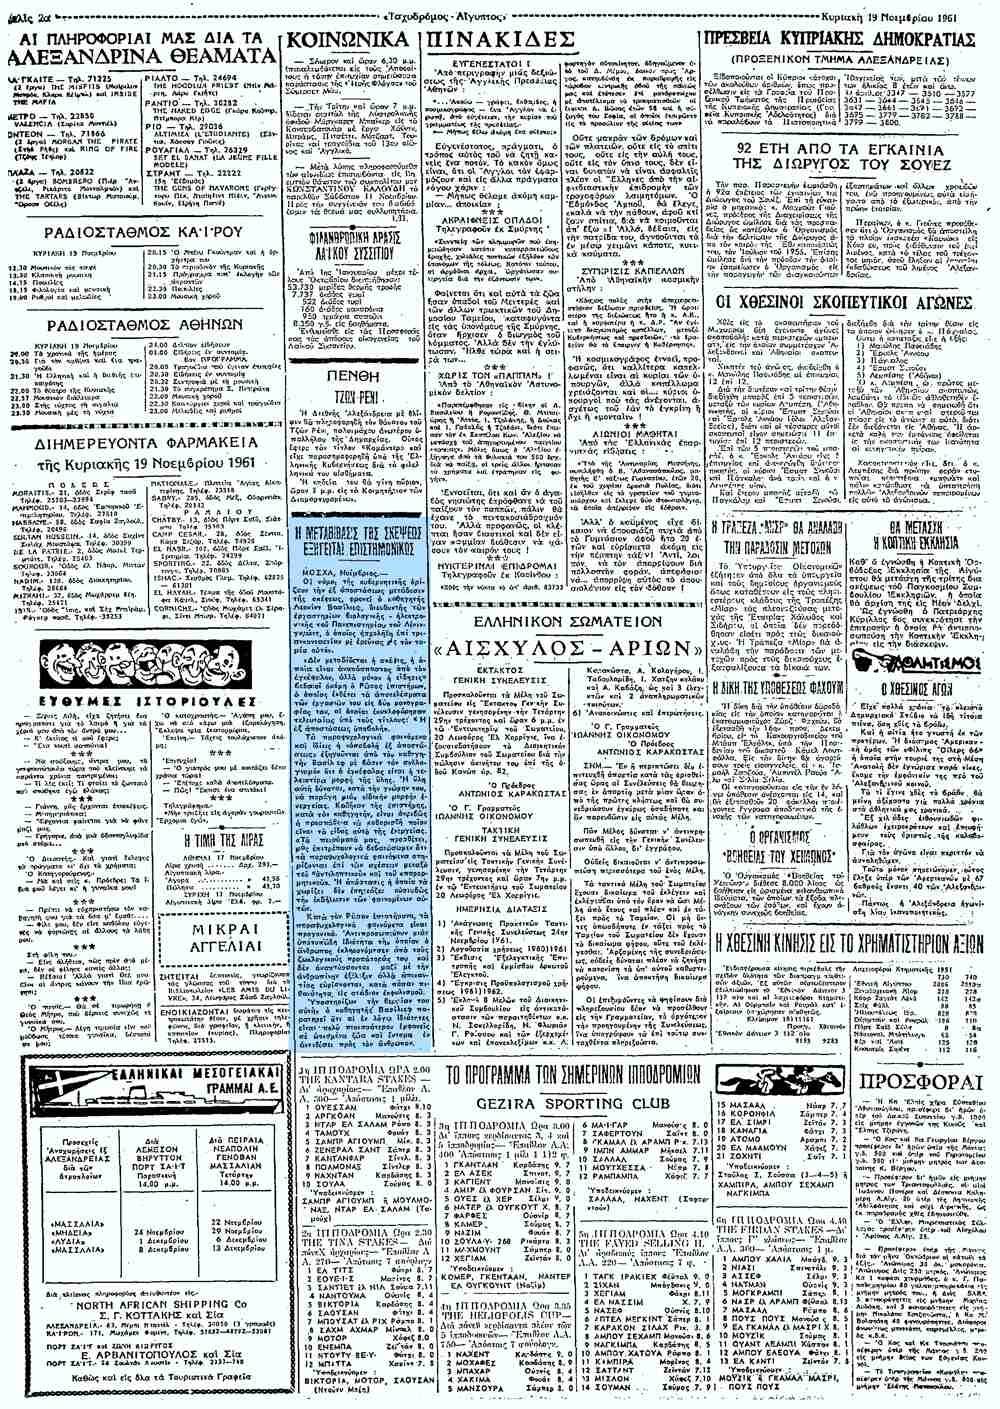 """Το άρθρο, όπως δημοσιεύθηκε στην εφημερίδα """"ΤΑΧΥΔΡΟΜΟΣ"""", στις 19/11/1961"""